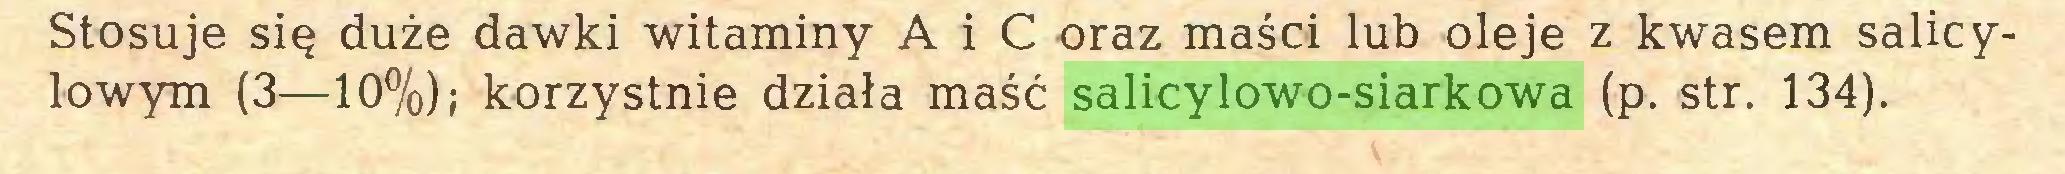 (...) Stosuje się duże dawki witaminy A i C oraz maści lub oleje z kwasem salicylowym (3—10%); korzystnie działa maść salicylowo-siarkowa (p. str. 134)...